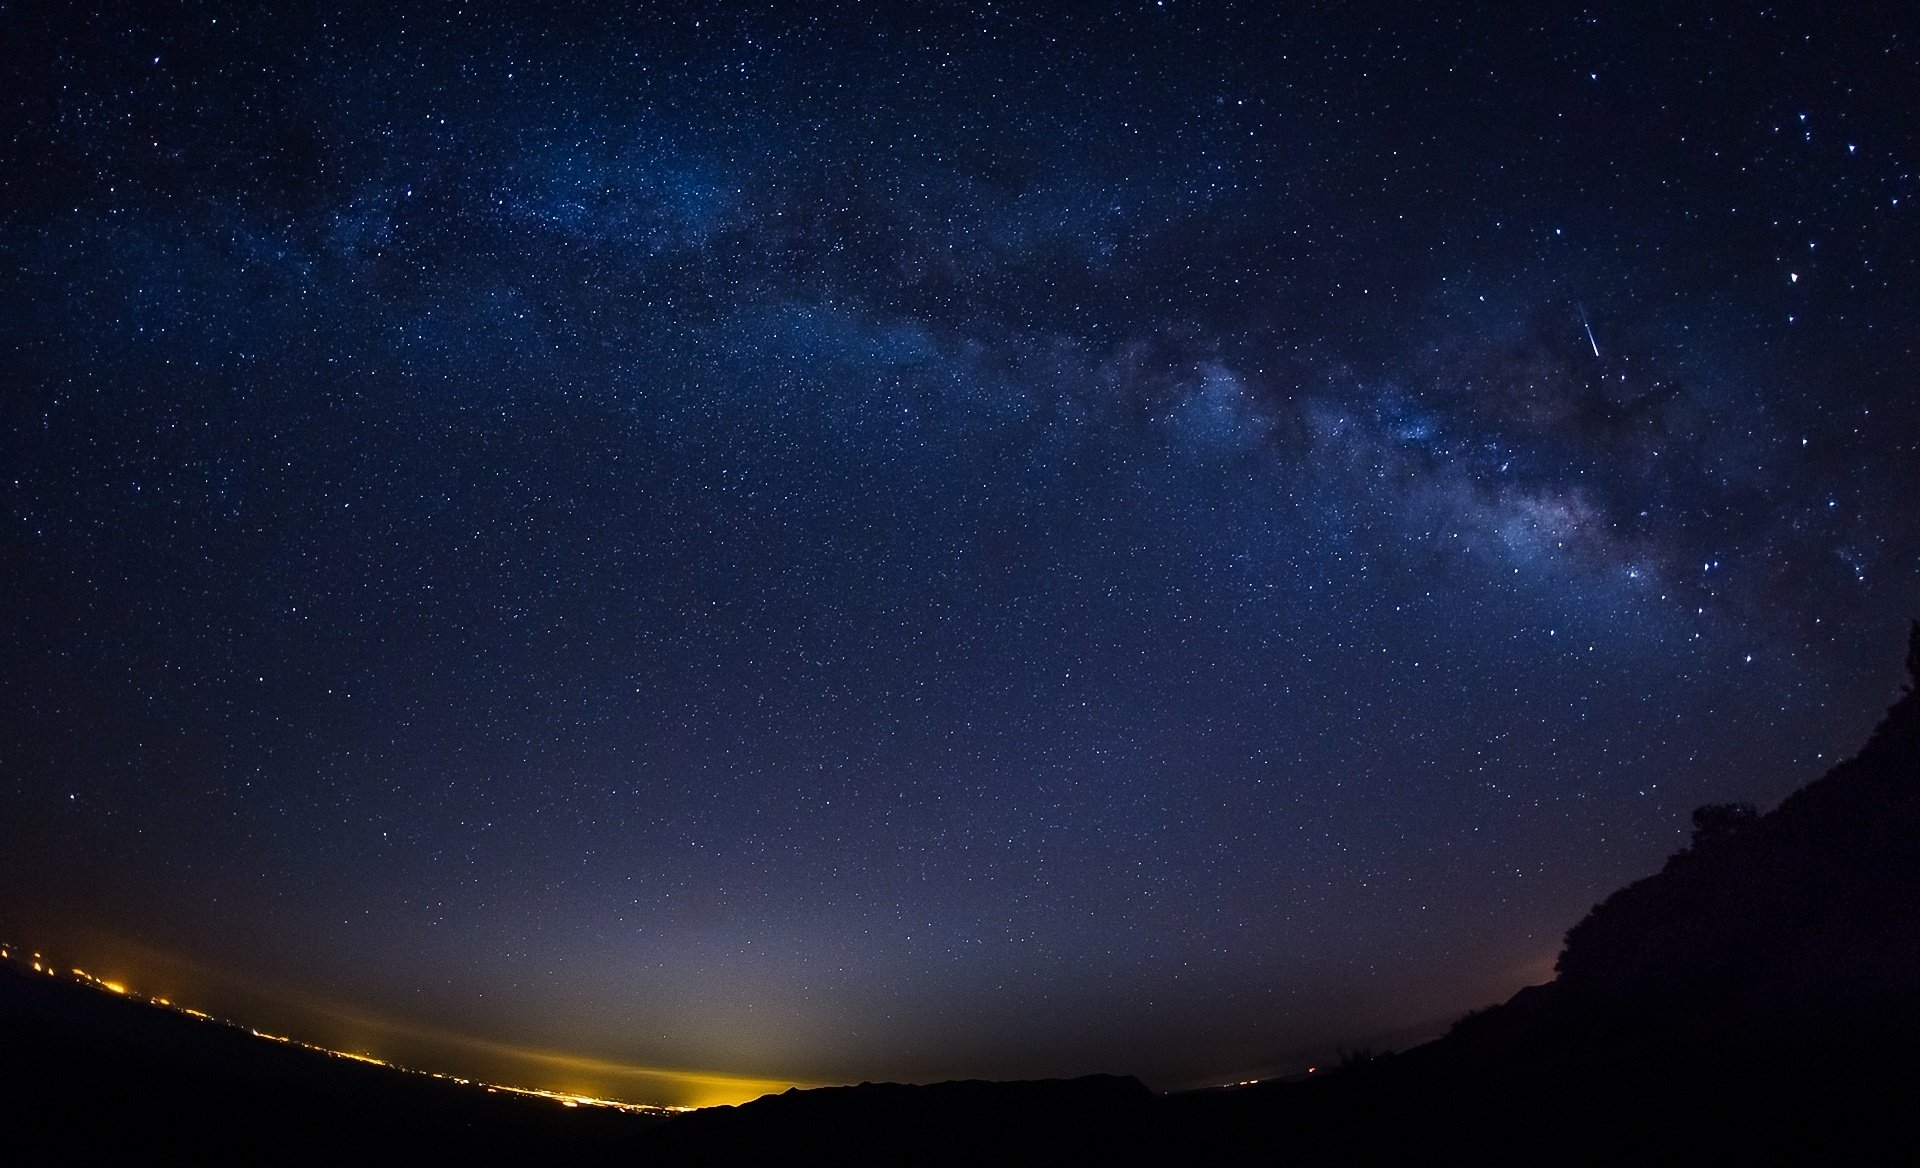 Night stars starry sky wallpaper 1920x1168 247280 1920x1168